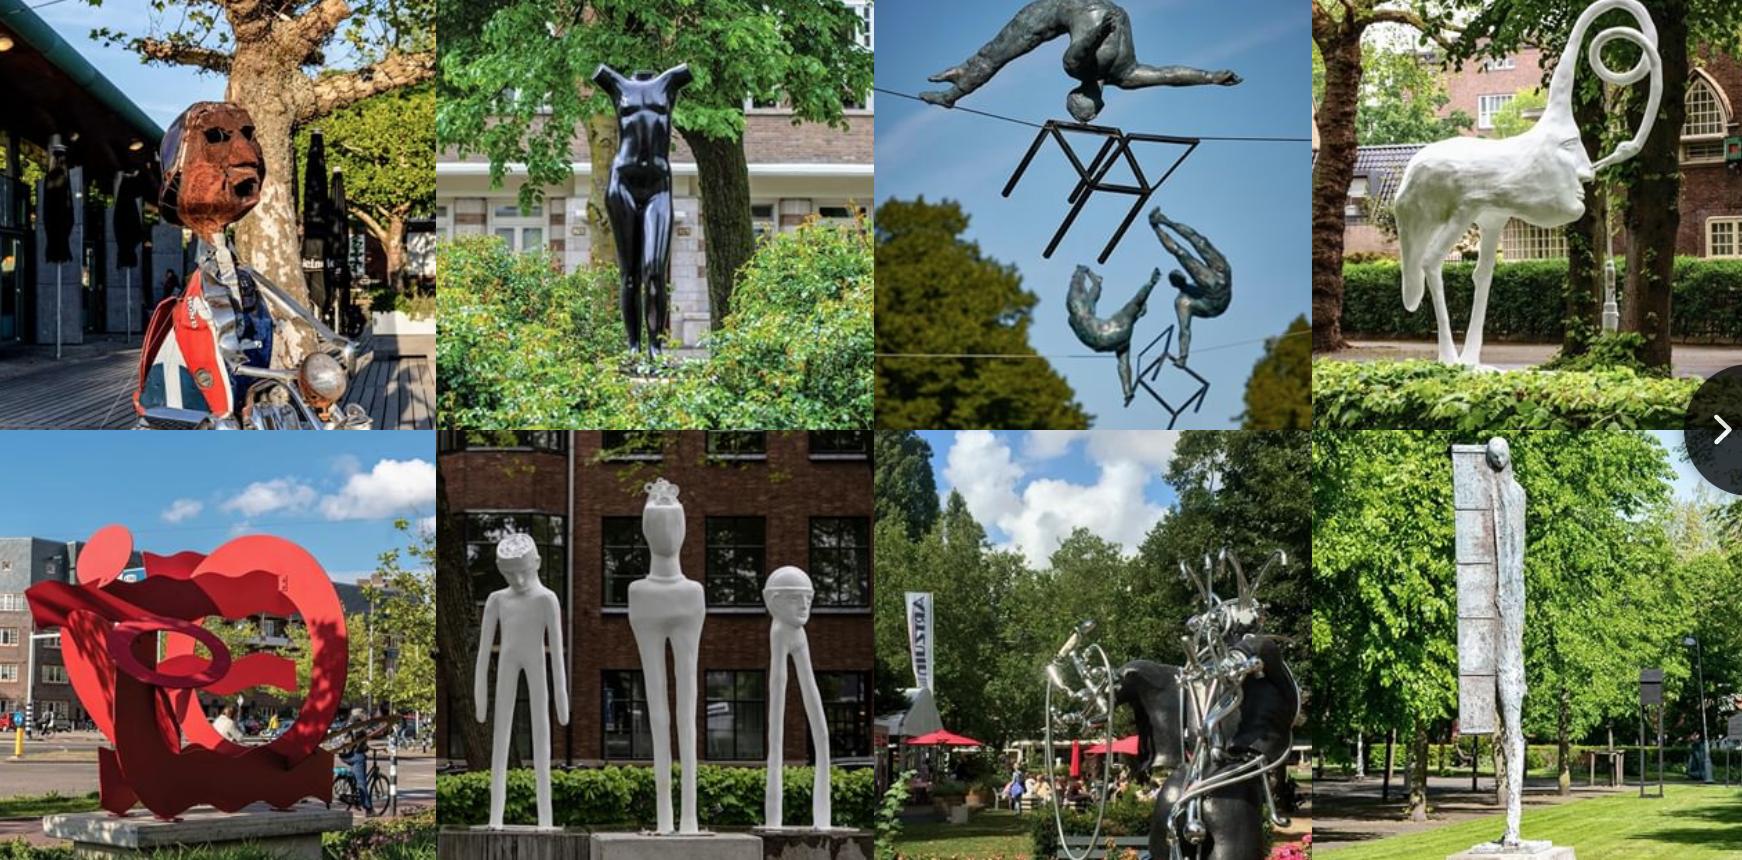 Amsterdam Sculptuur Biennale